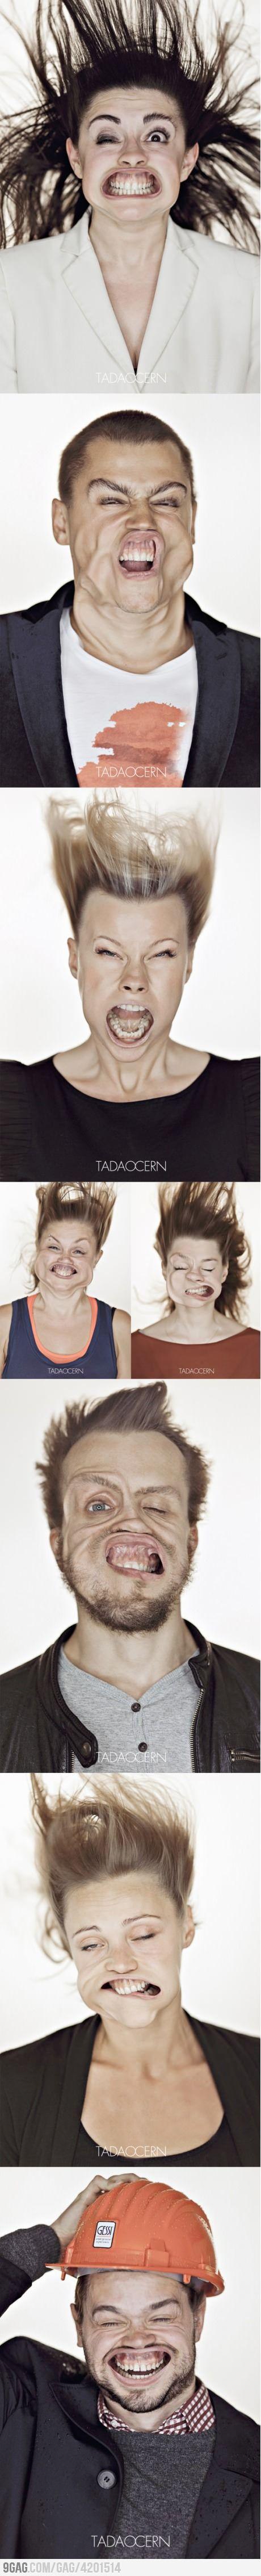 Strong wind = hilarious photos